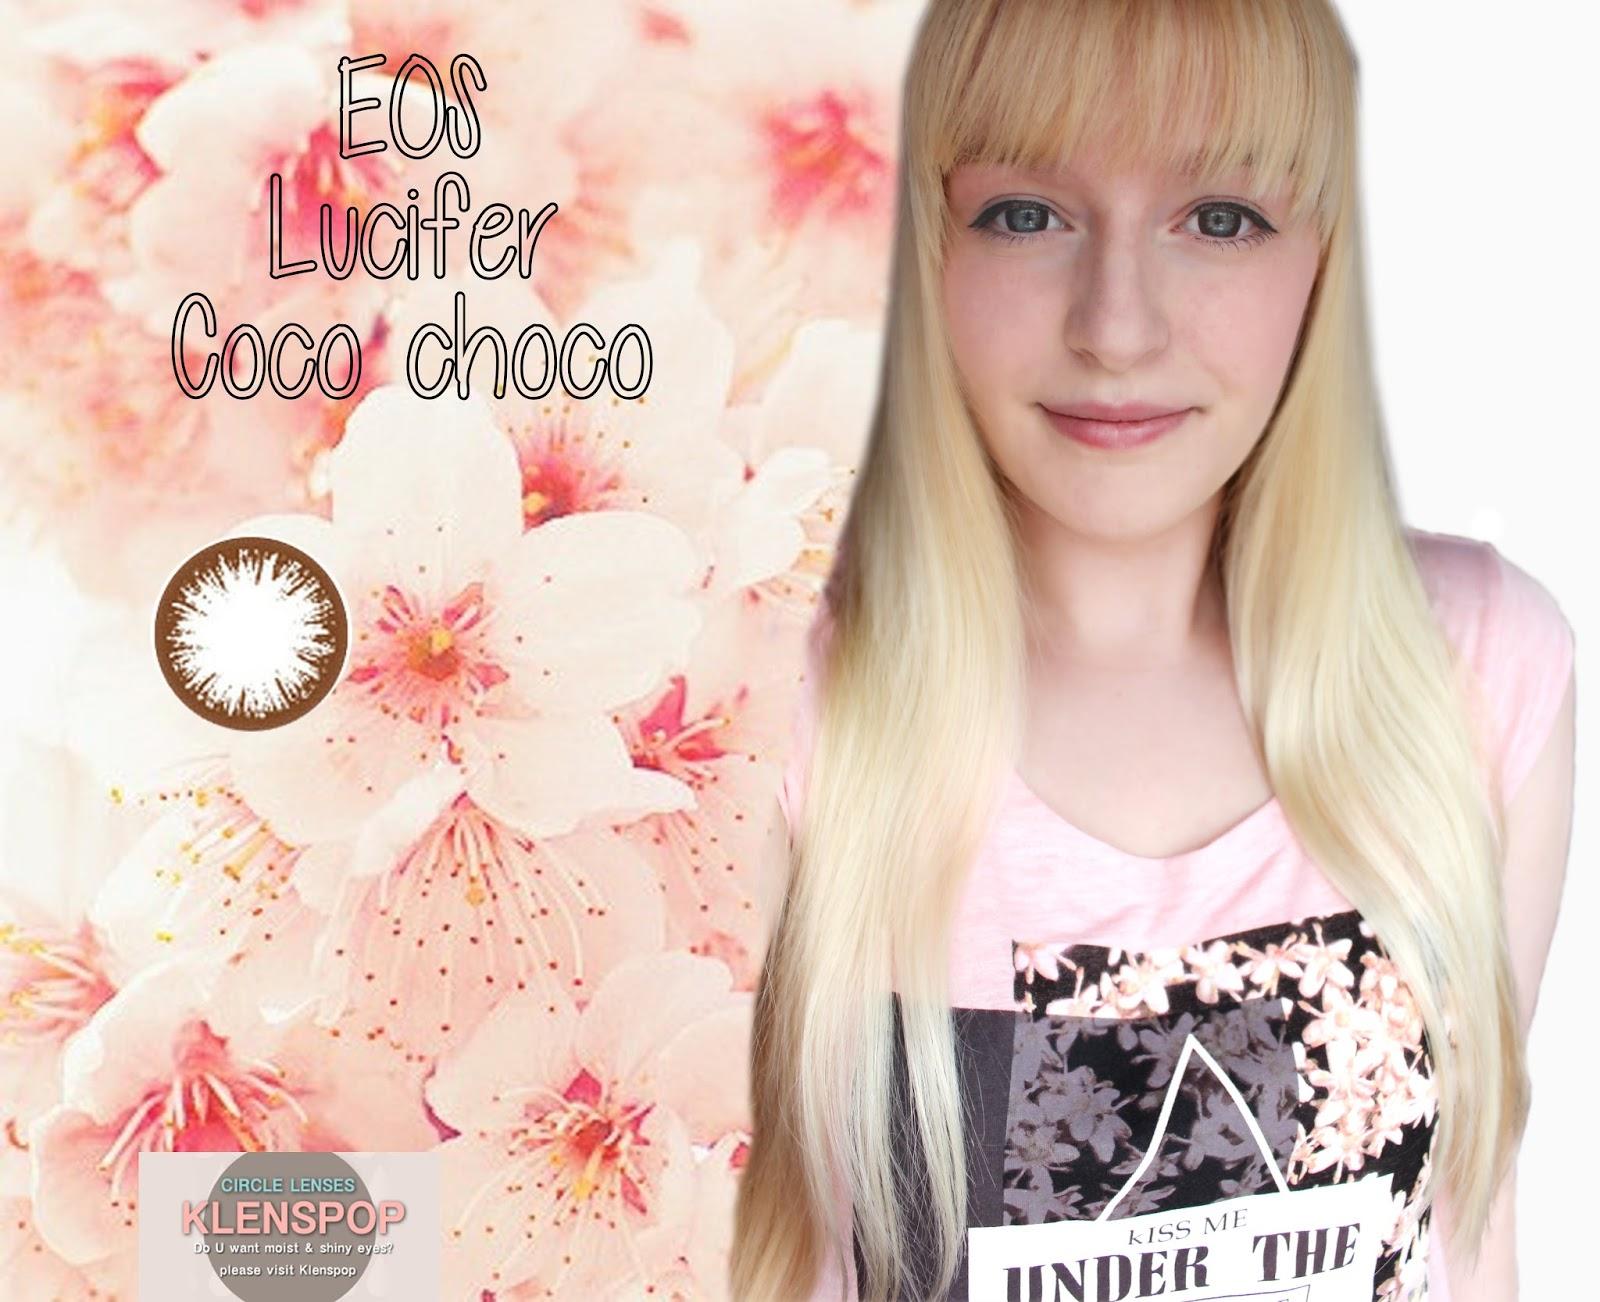 http://klenspop.com/en/home/348-lucifer-coco-choco-eos.html